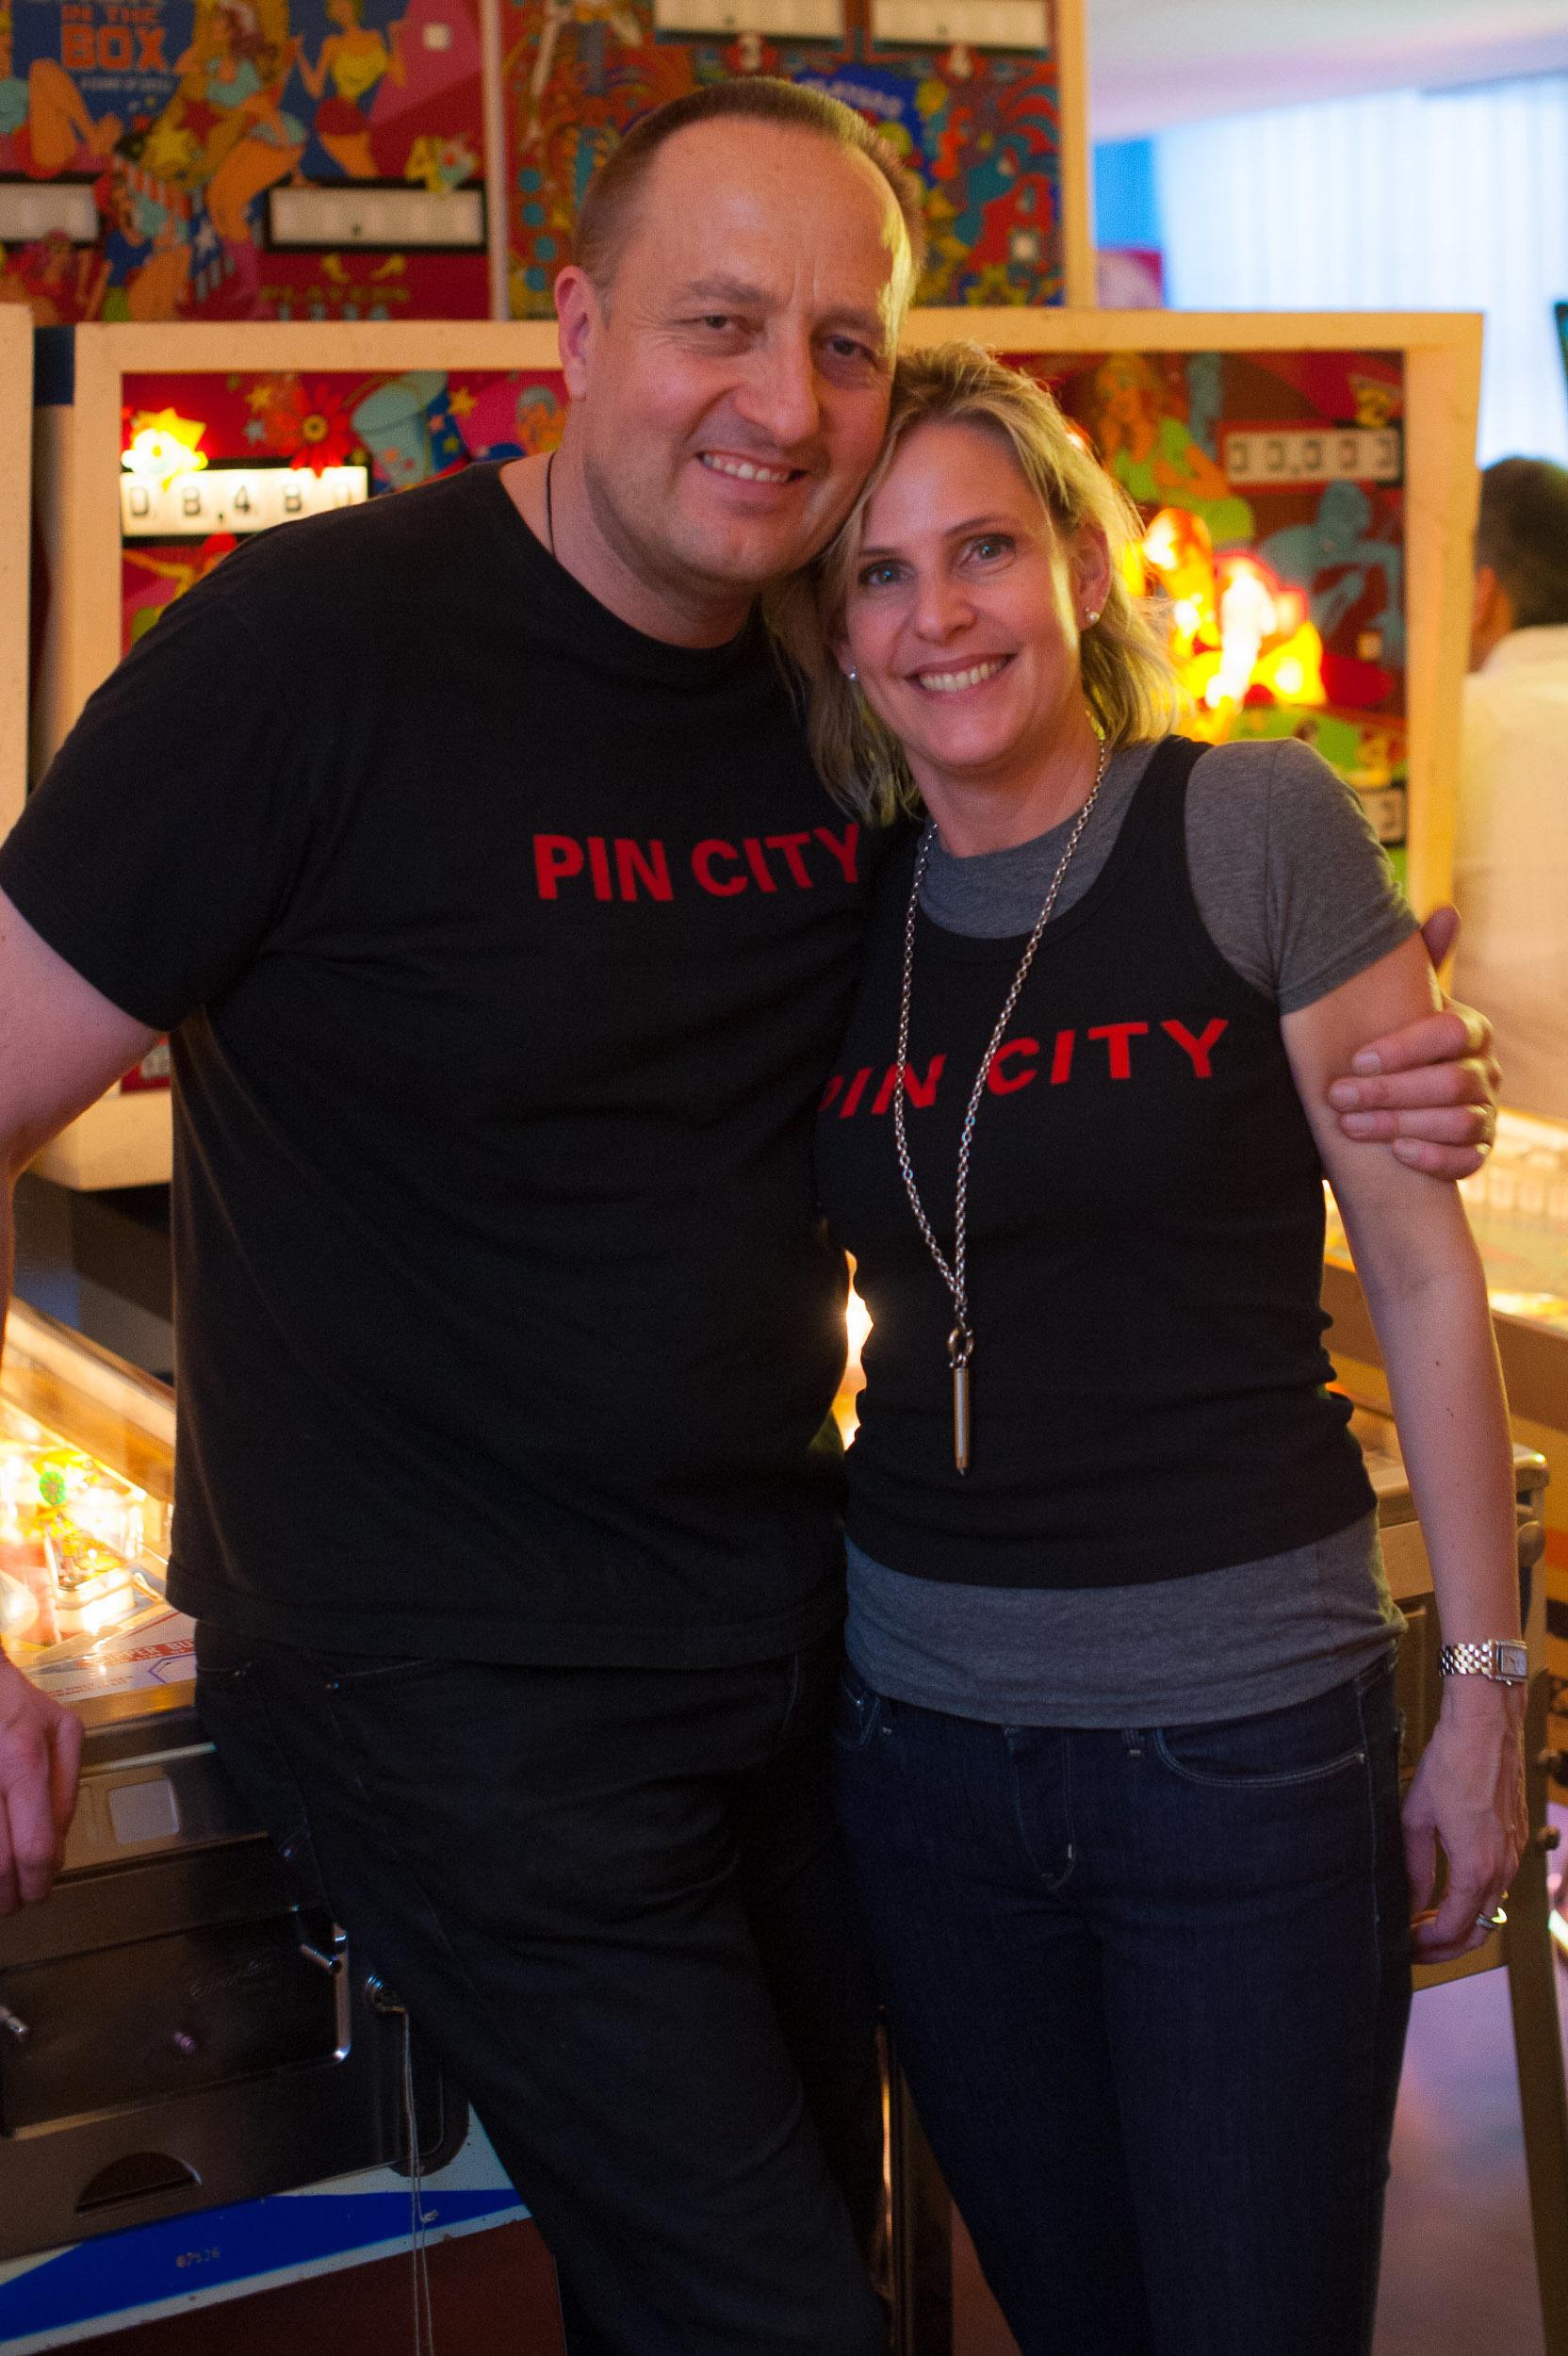 PinCity2013Turnier (90 von 174).jpg